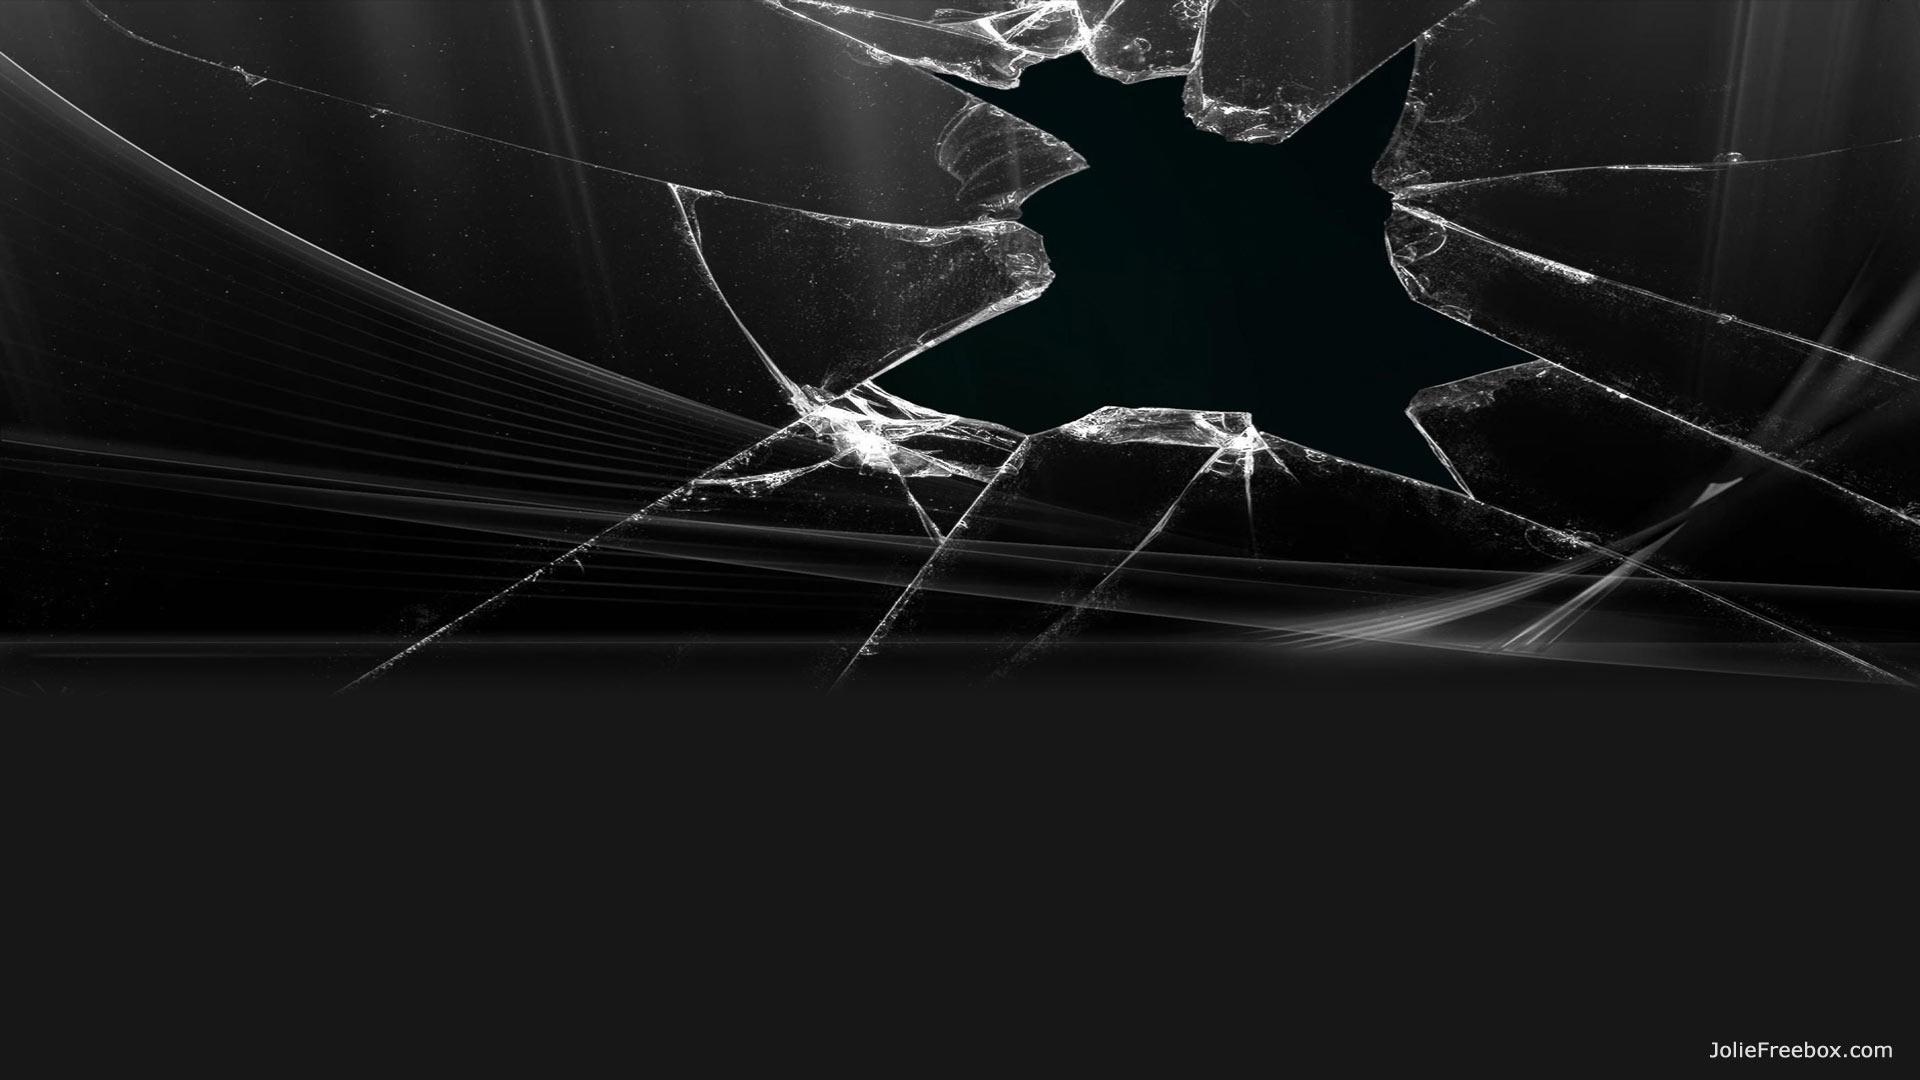 Ecran de télévision brisé sur votre Freebox Révolution